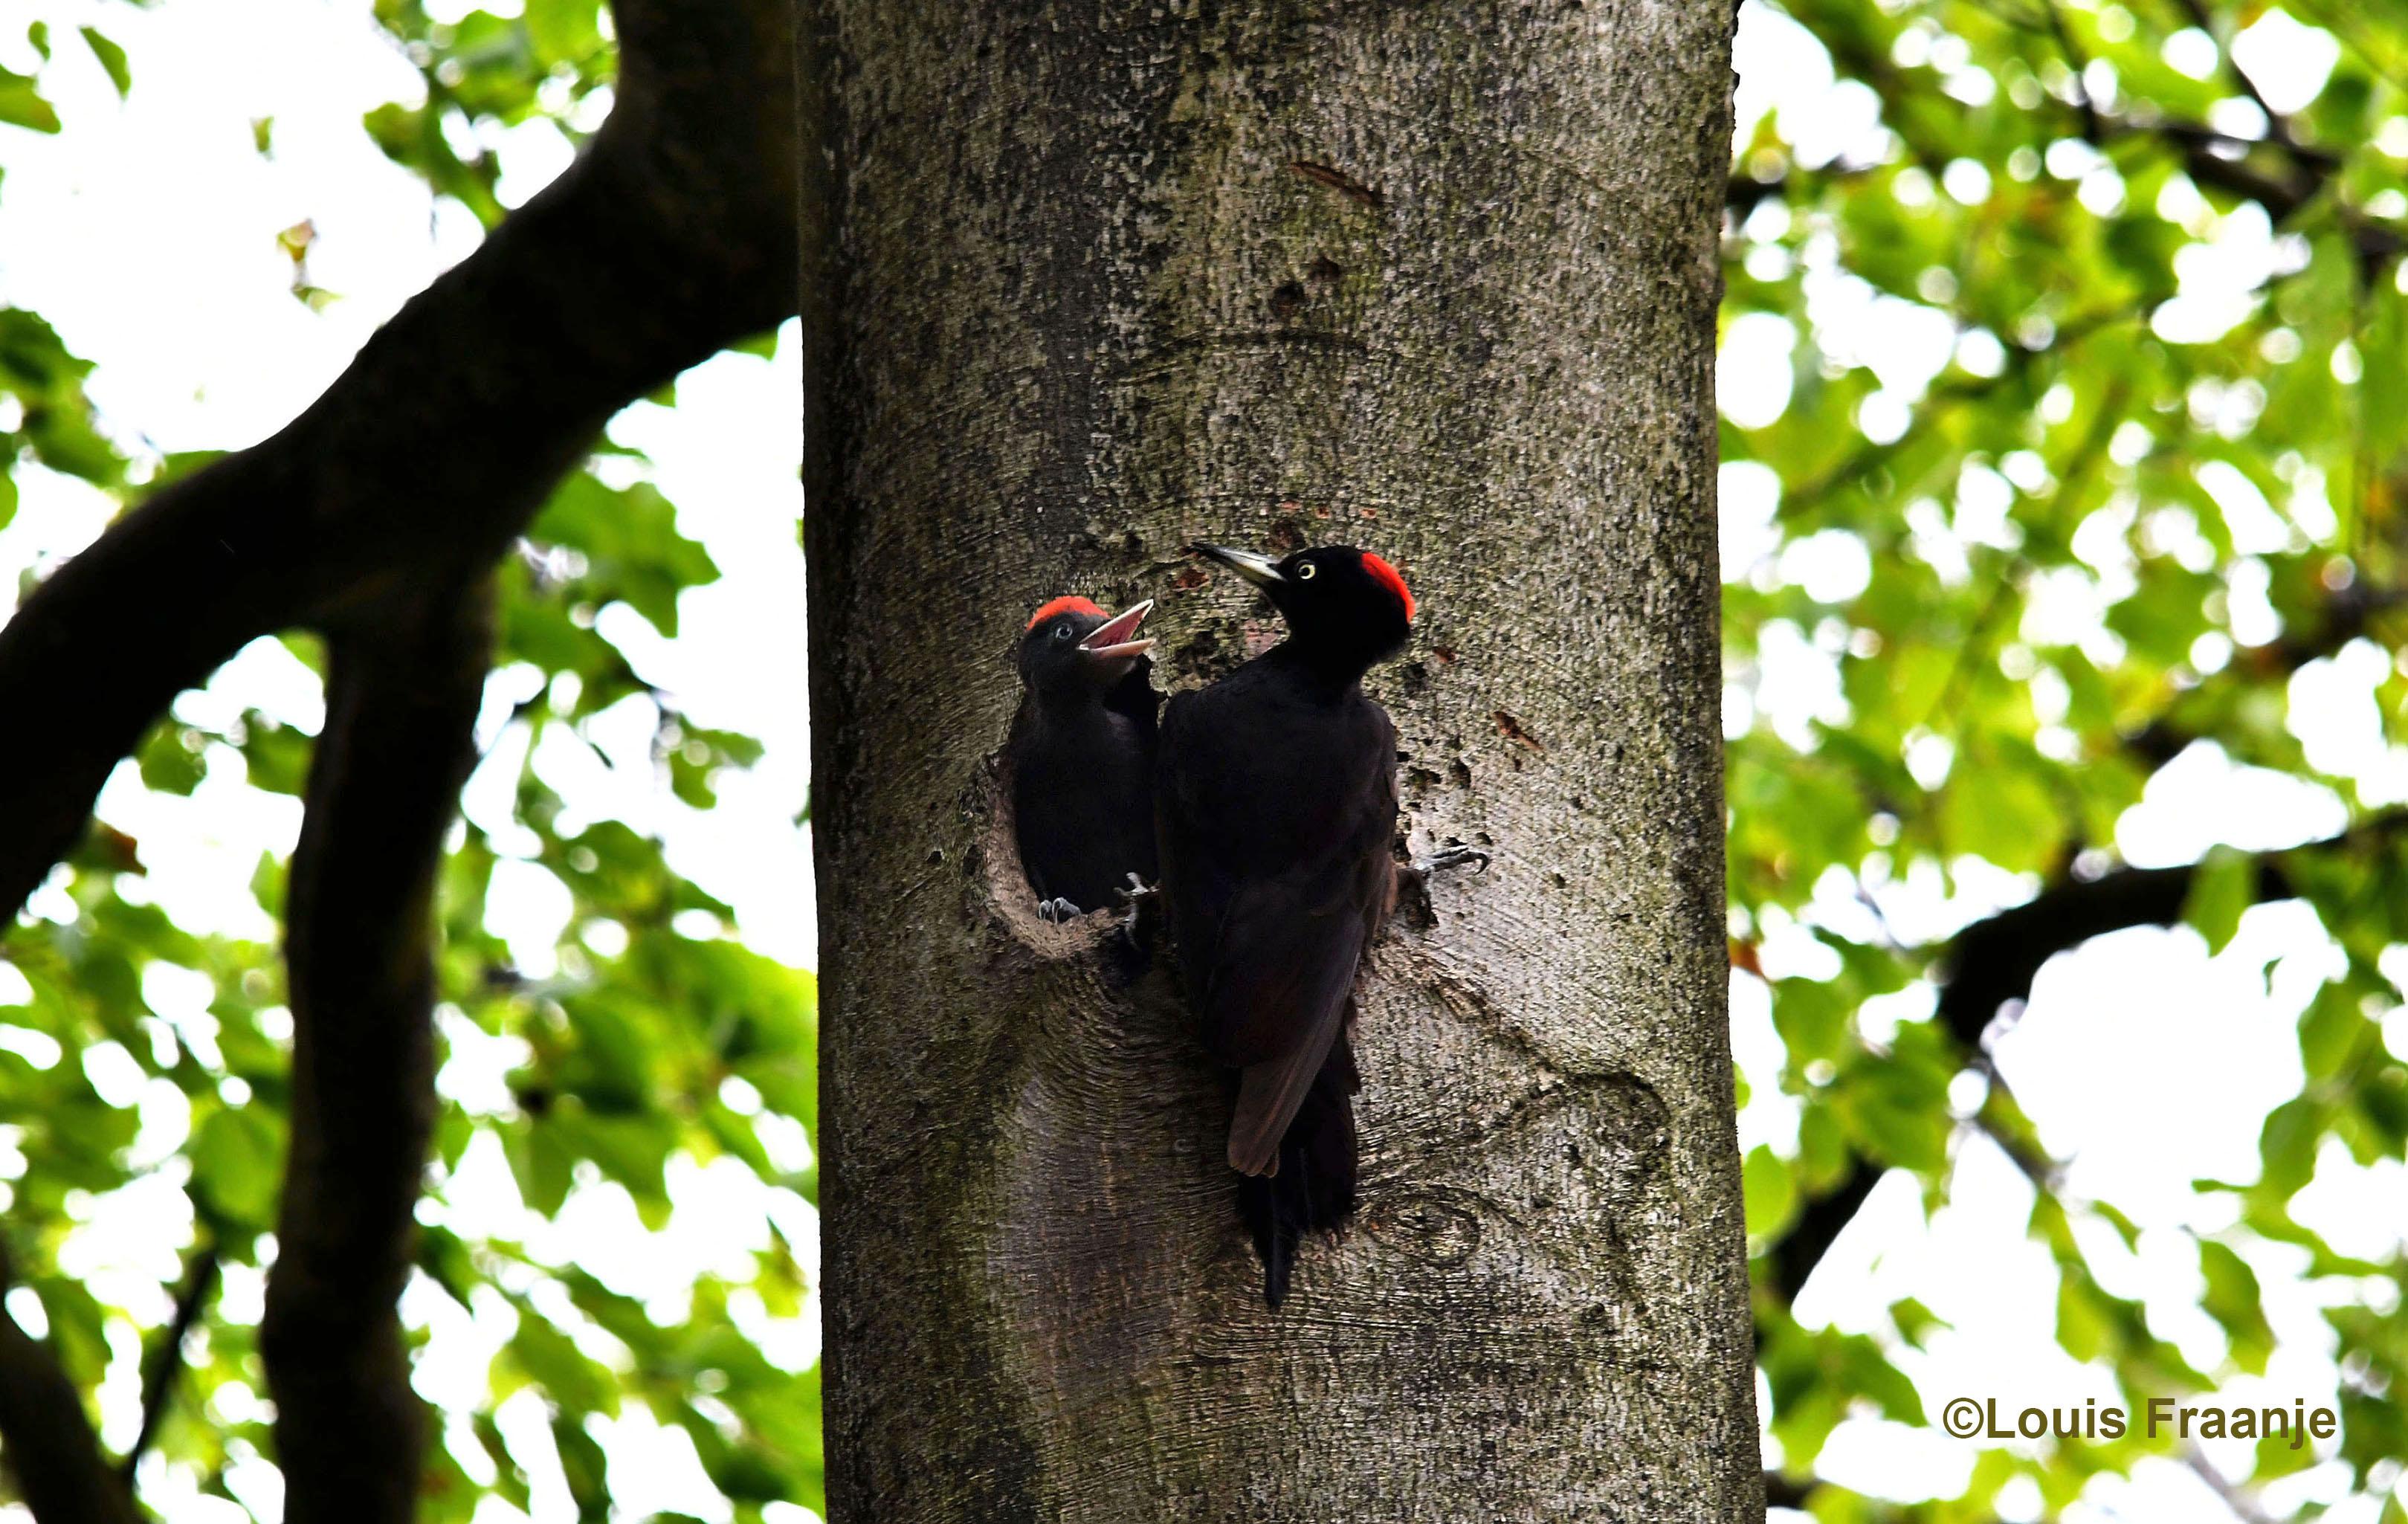 Hoog in een oude beukenboom zaten de zwarte spechten voor de nestholte - Foto: ©Louis Fraanje